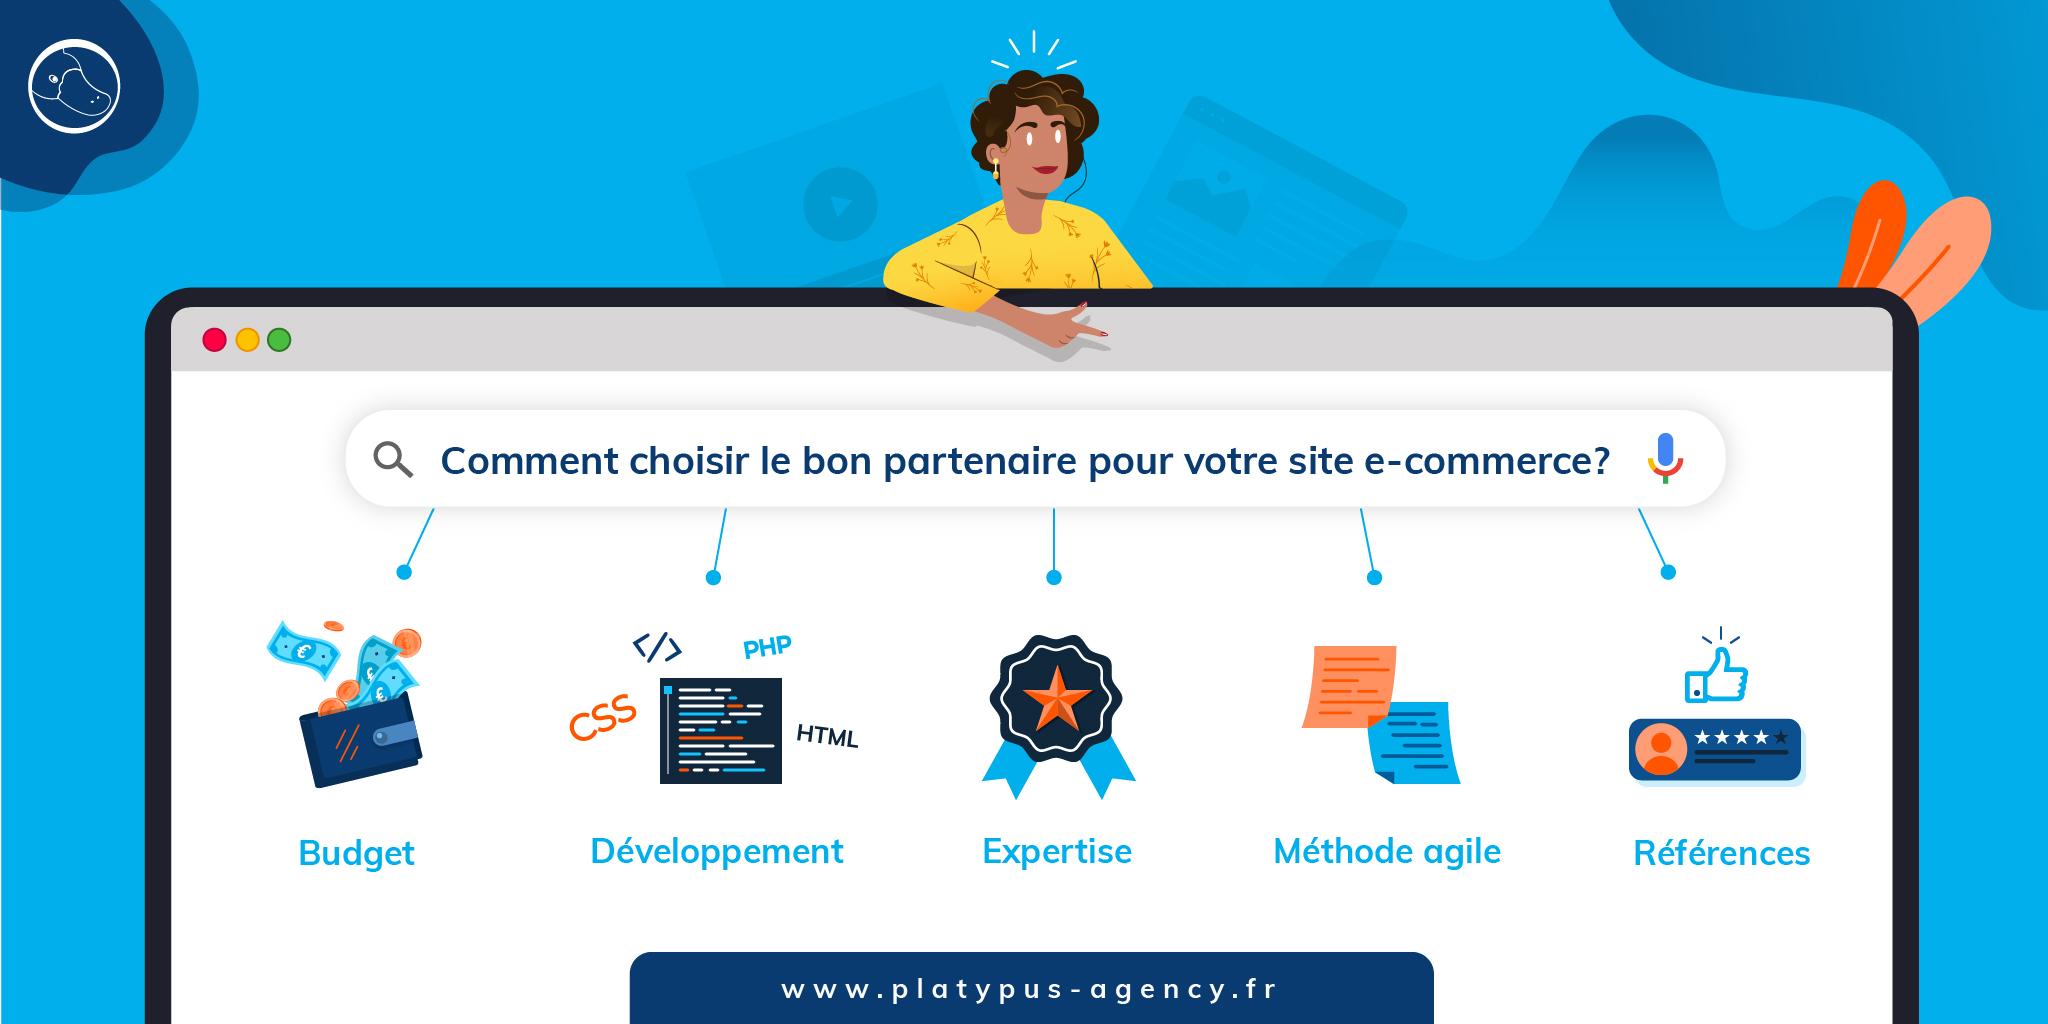 Projet e-commerce en Martinique : comment choisir le bon partenaire ?